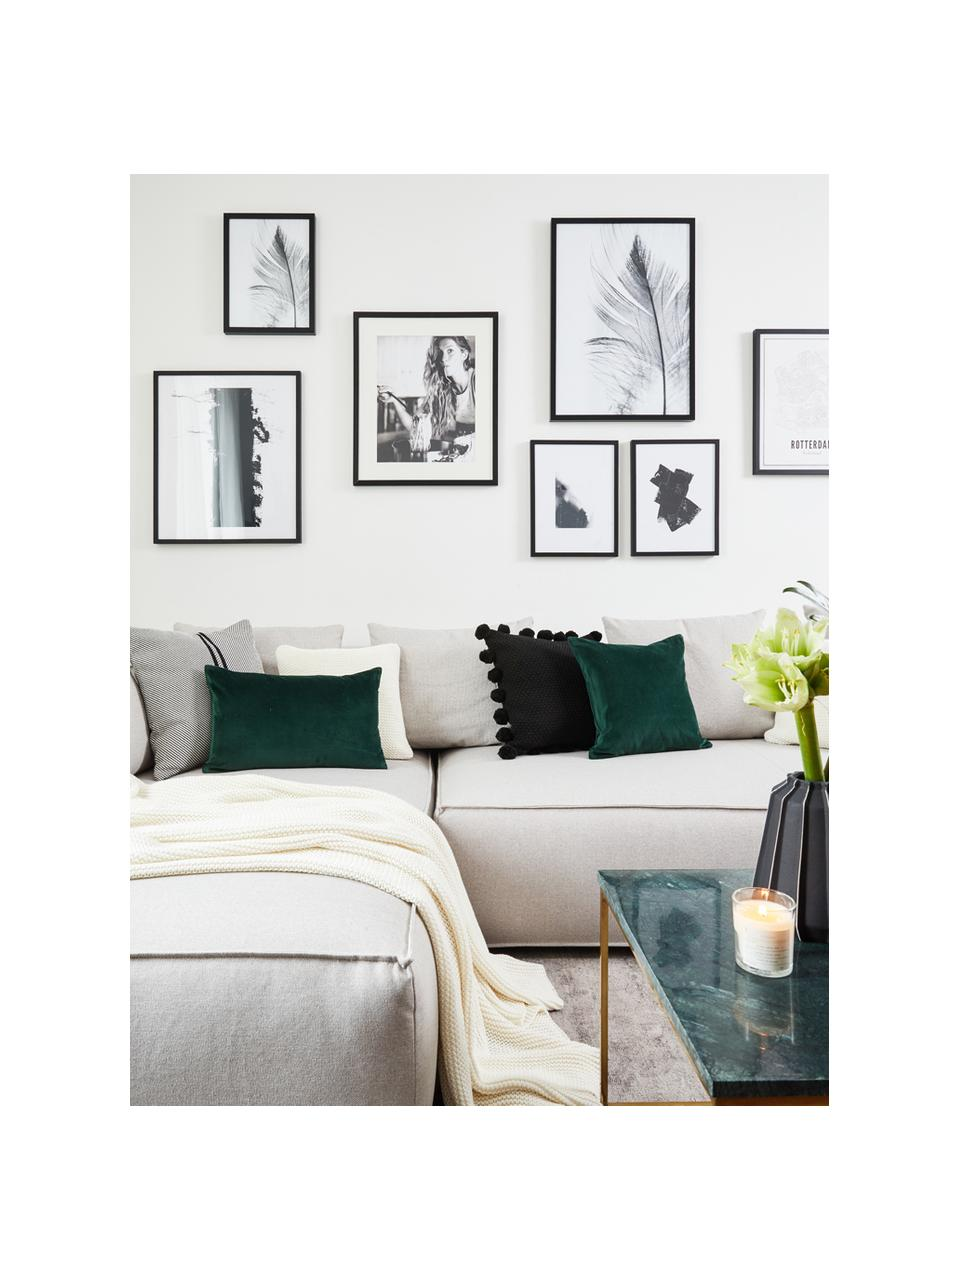 Ingelijste digitale print Feather, Afbeelding: digitale afdruk op papier, Lijst: kunststof (PU), Afbeelding: zwart, wit. Frame: zwart, 30 x 40 cm